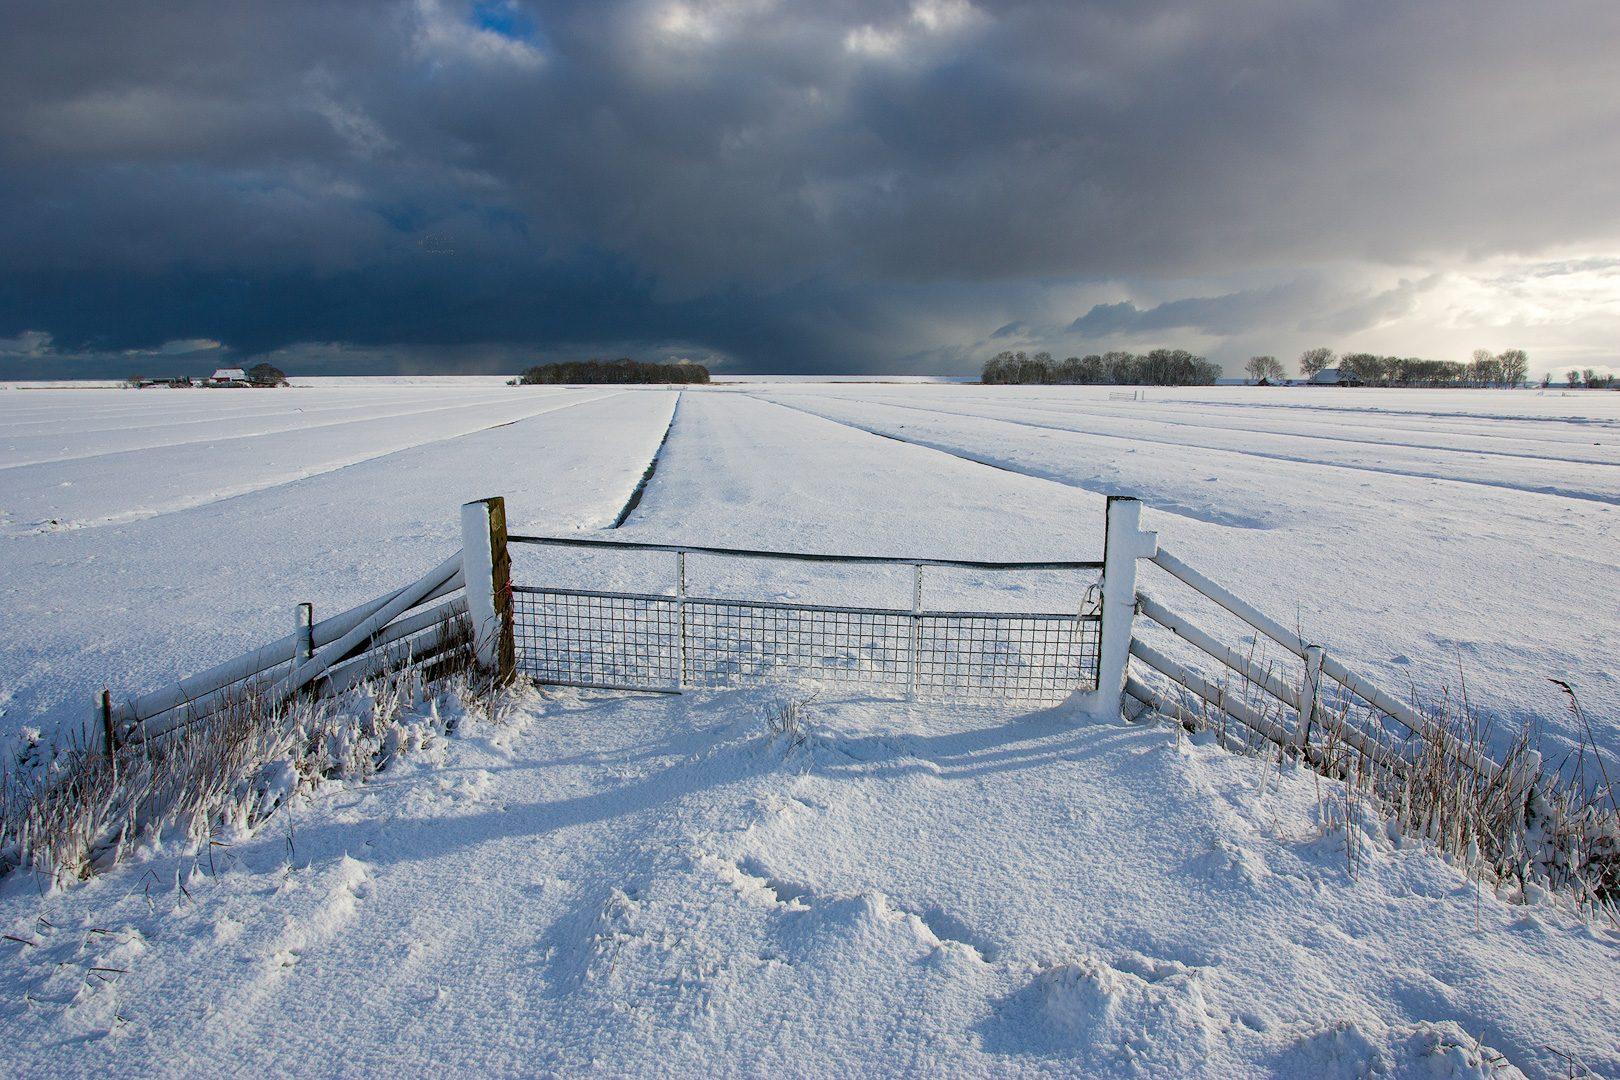 winterlandschappen fotograferen - Donkere sneeuw wolken boven een winters landschap in Friesland